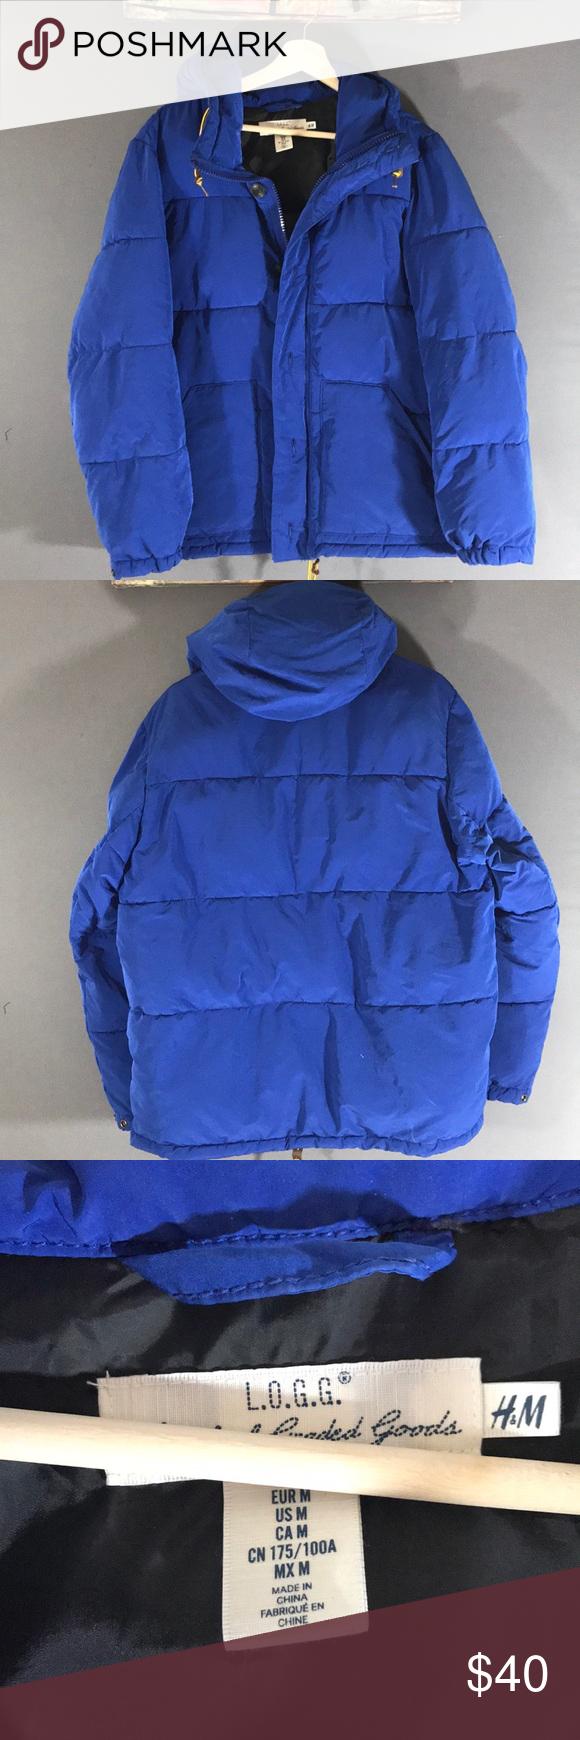 H&M men's puffer jacket with hood full zip Blue puffer